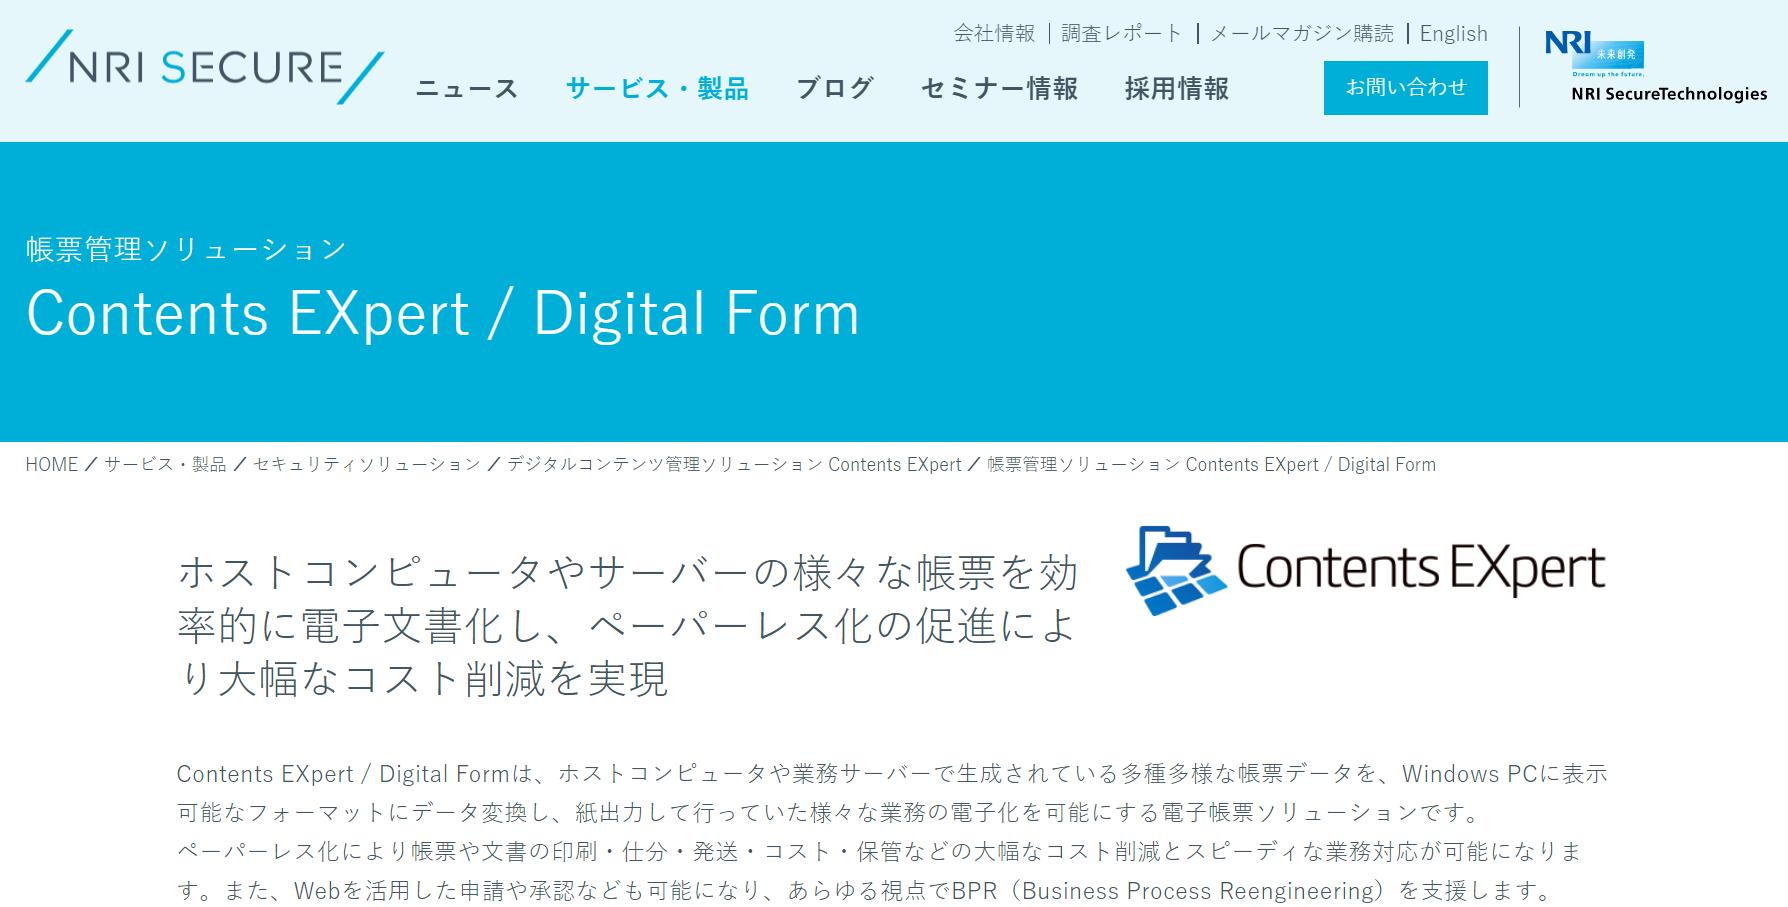 Contents EXpert/Digital Form